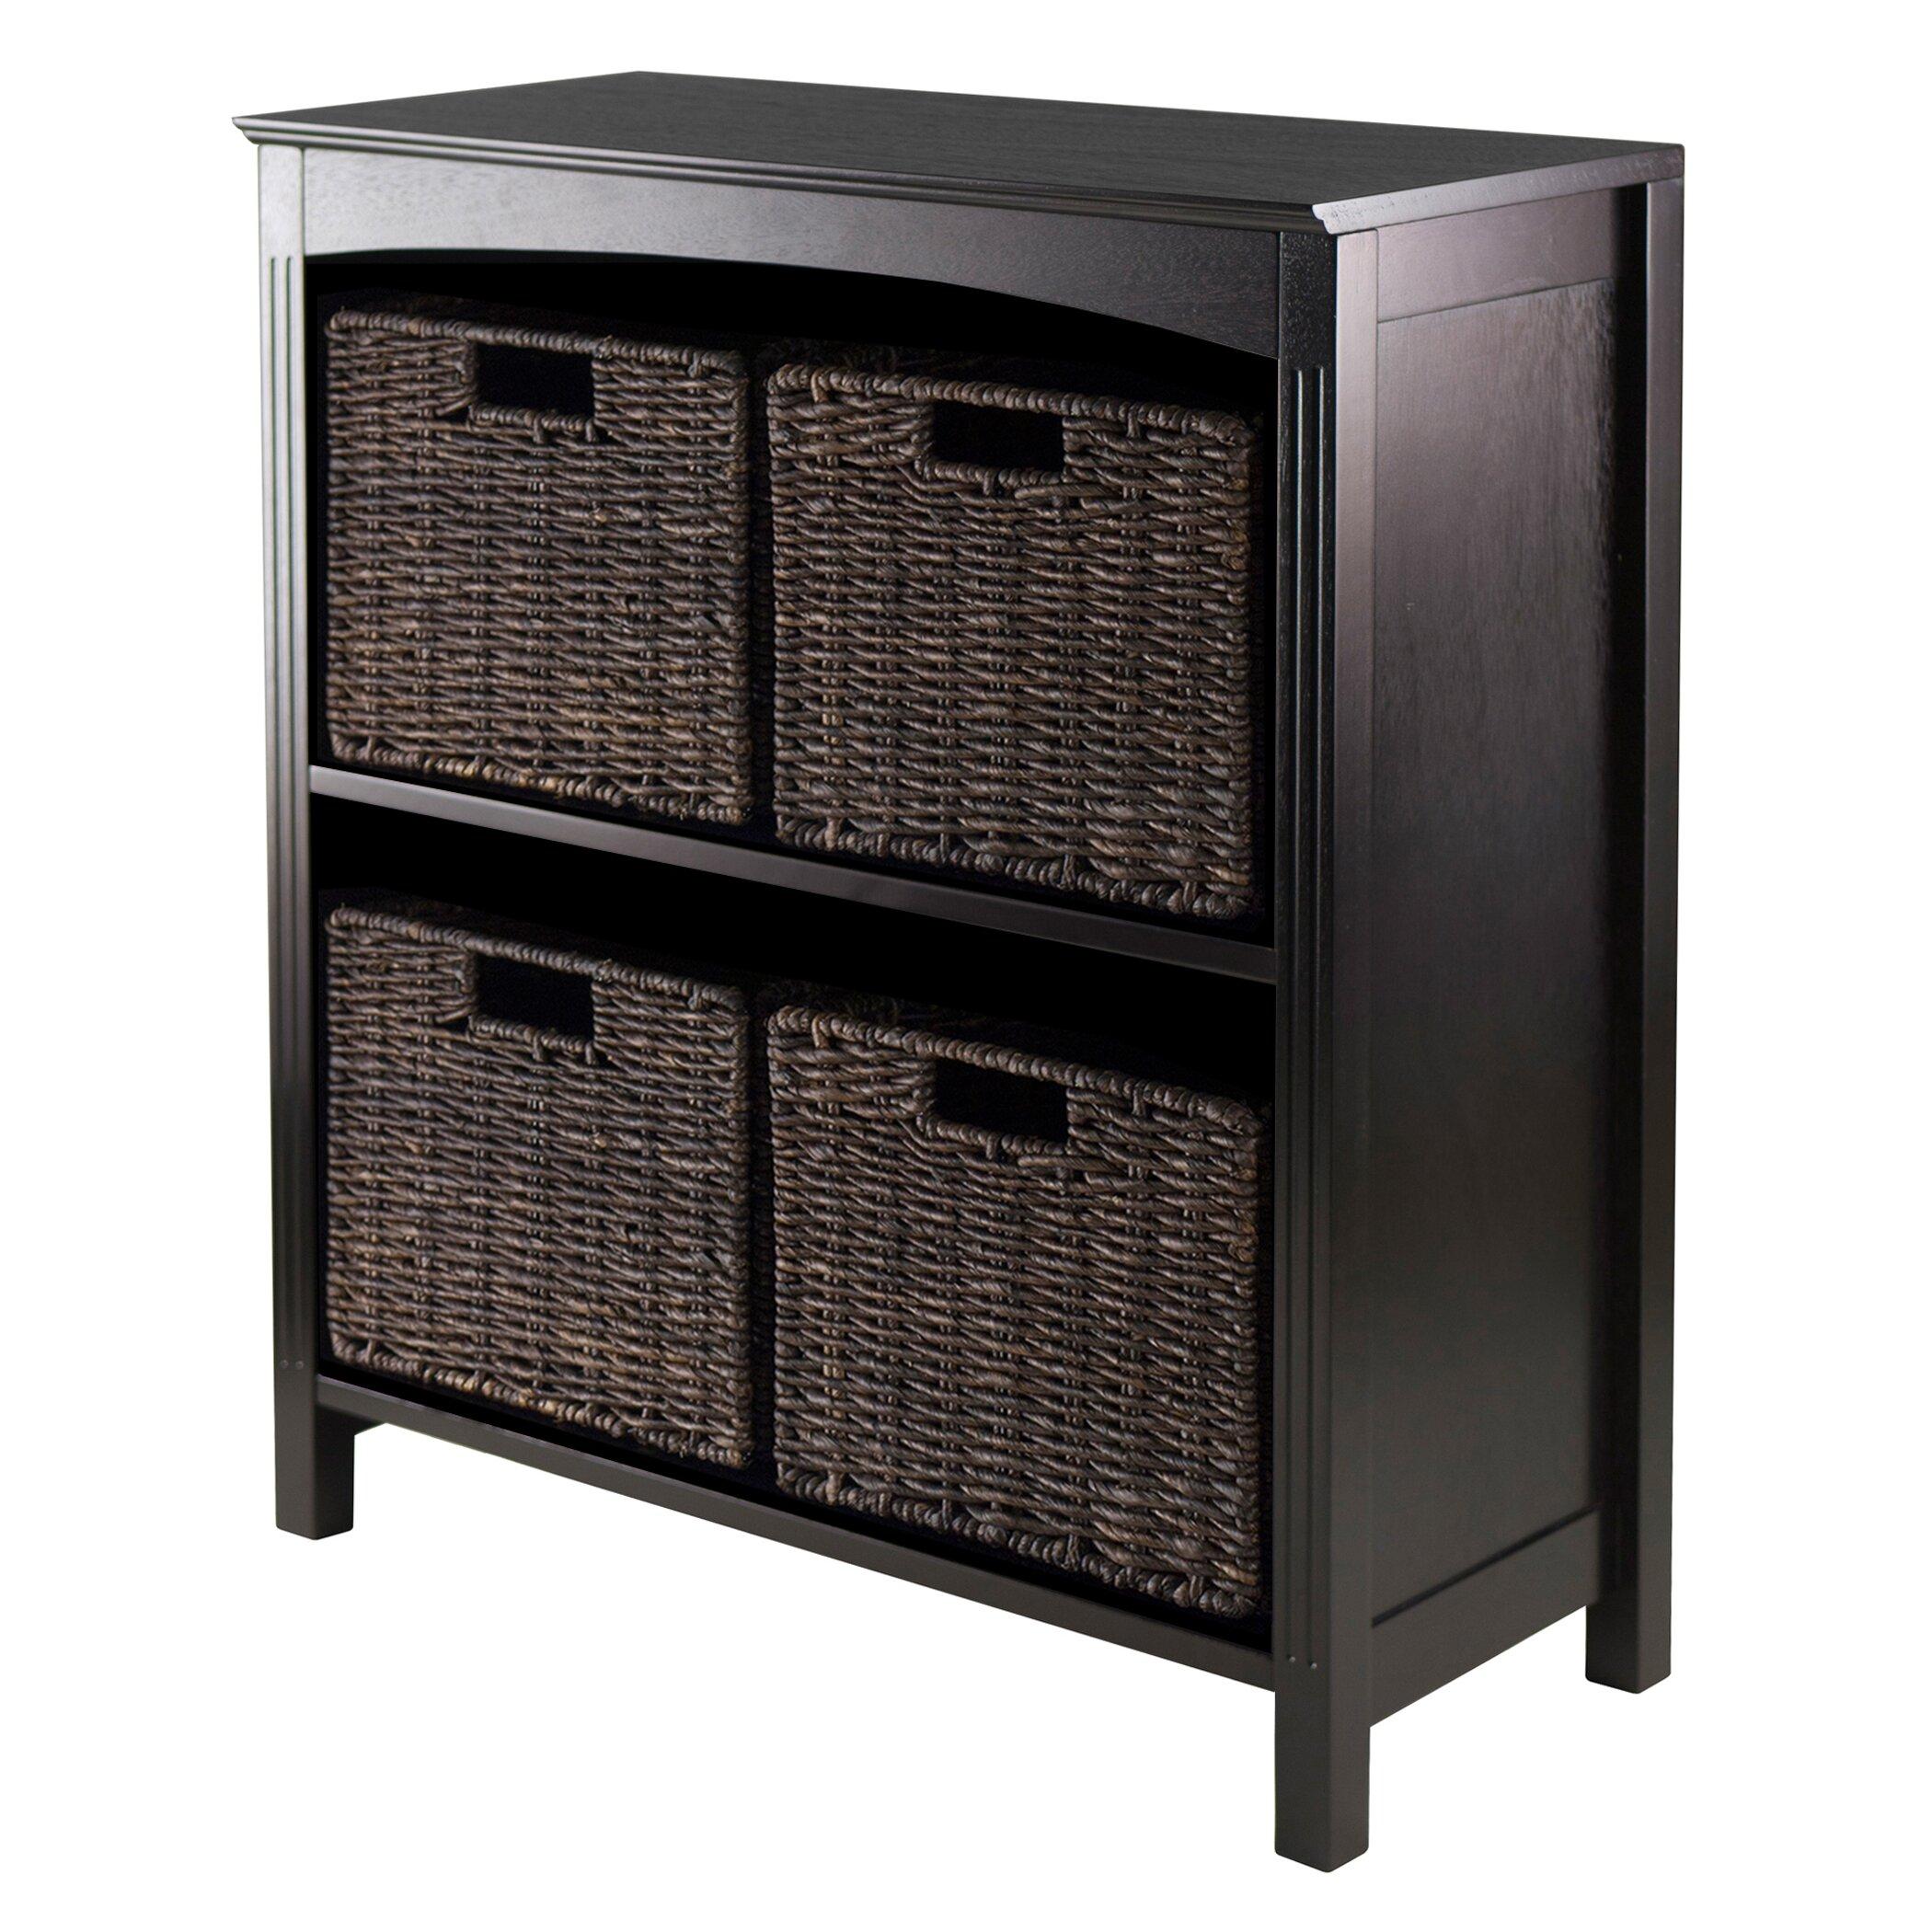 Charlton Home Martinsville 4 Drawer Storage Shelf